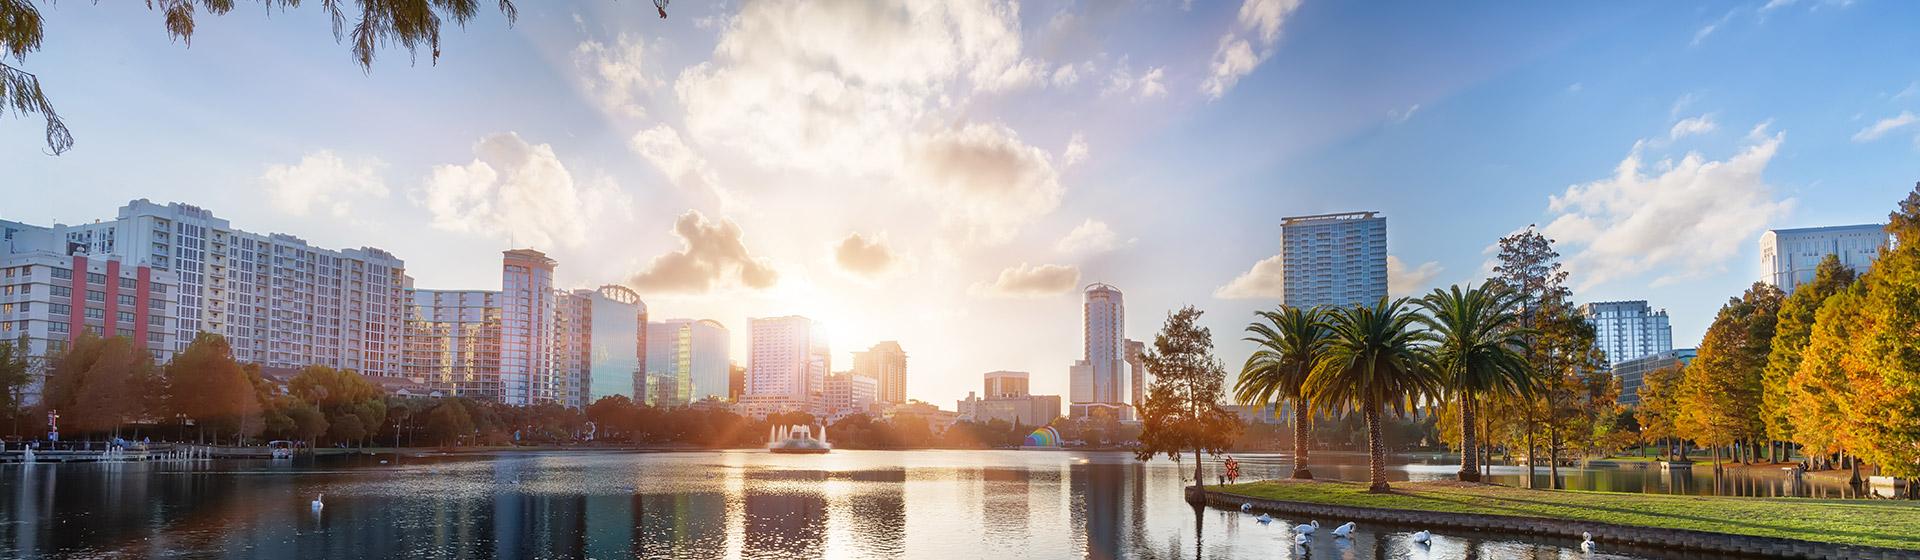 Lake Eola Park i Orlando, Florida.